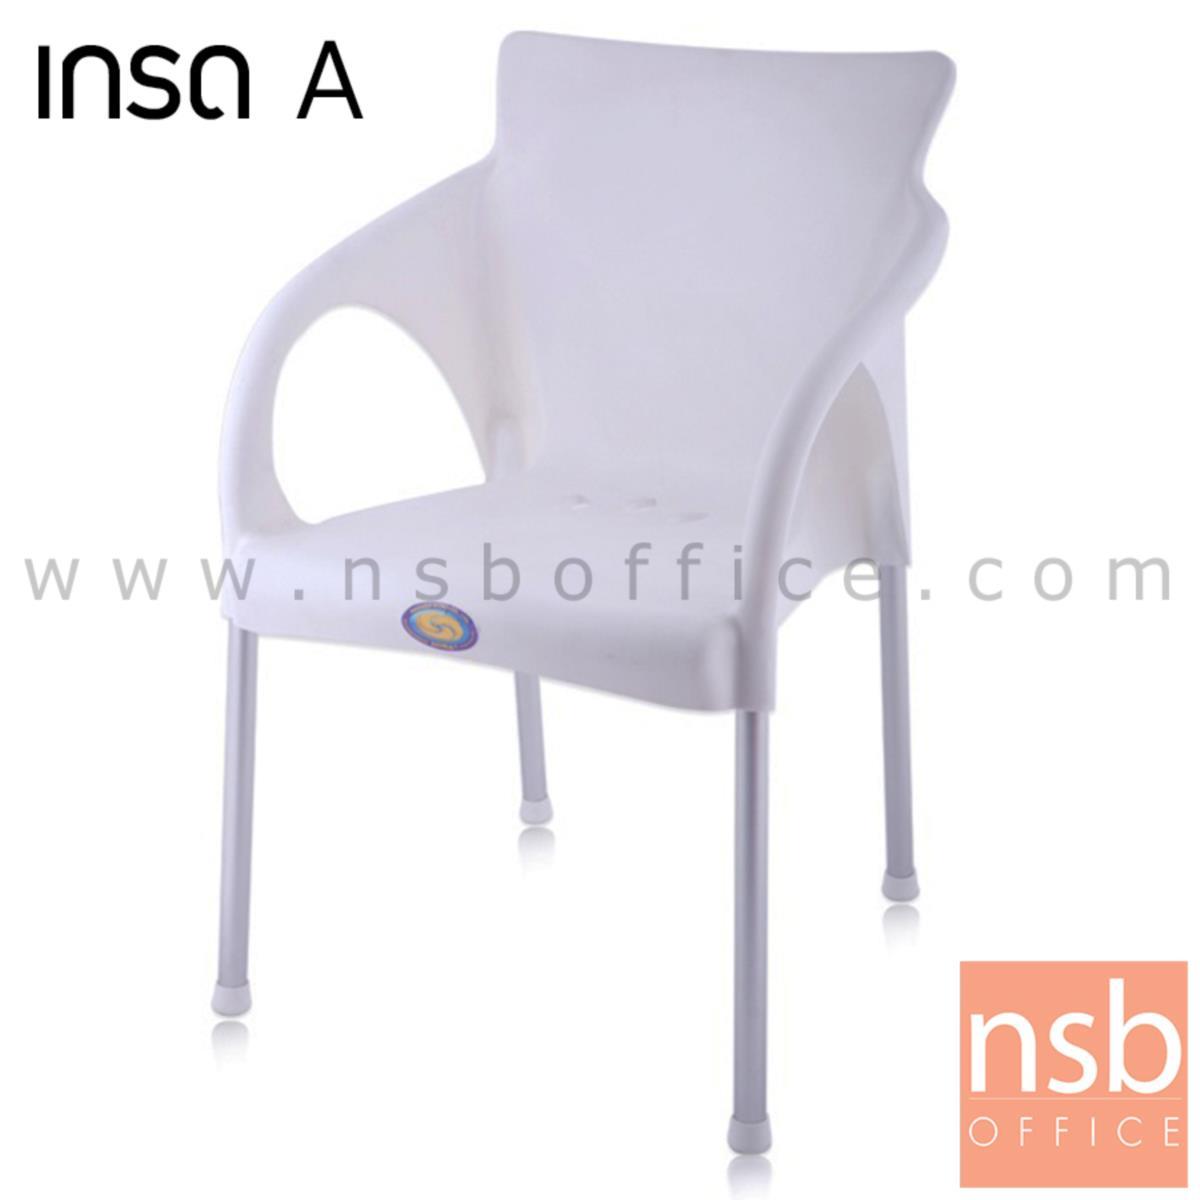 B10A056:เก้าอี้พลาสติก รุ่น HISO_CHAIR ขาอลูมิเนียม (พลาสติกเกรด A)